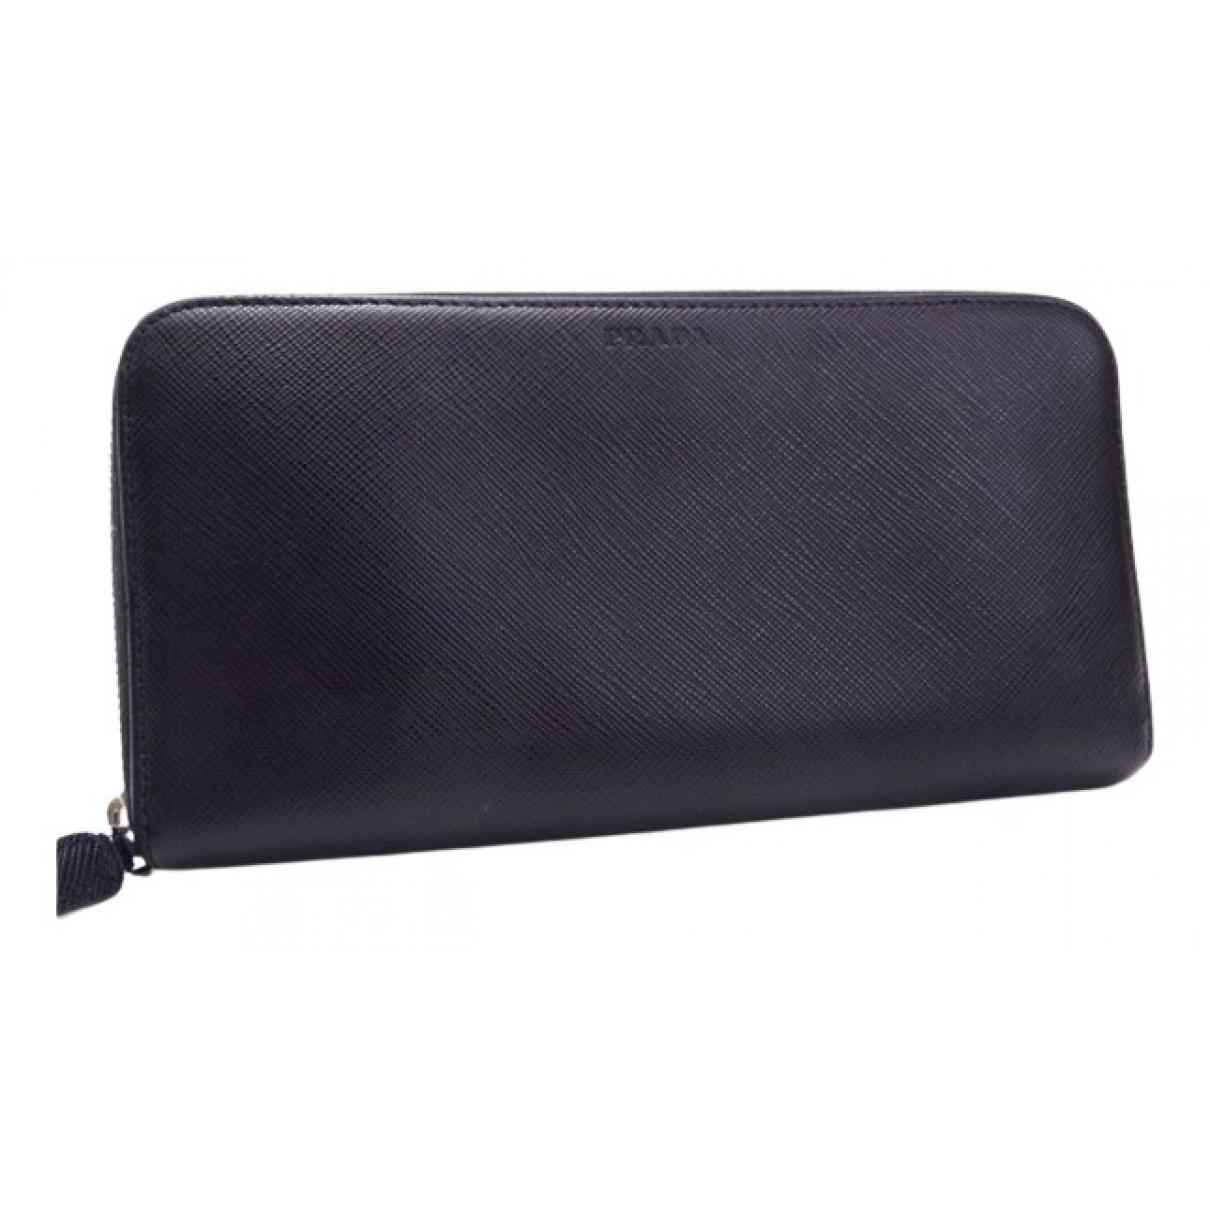 Prada N Black Leather wallet for Women N